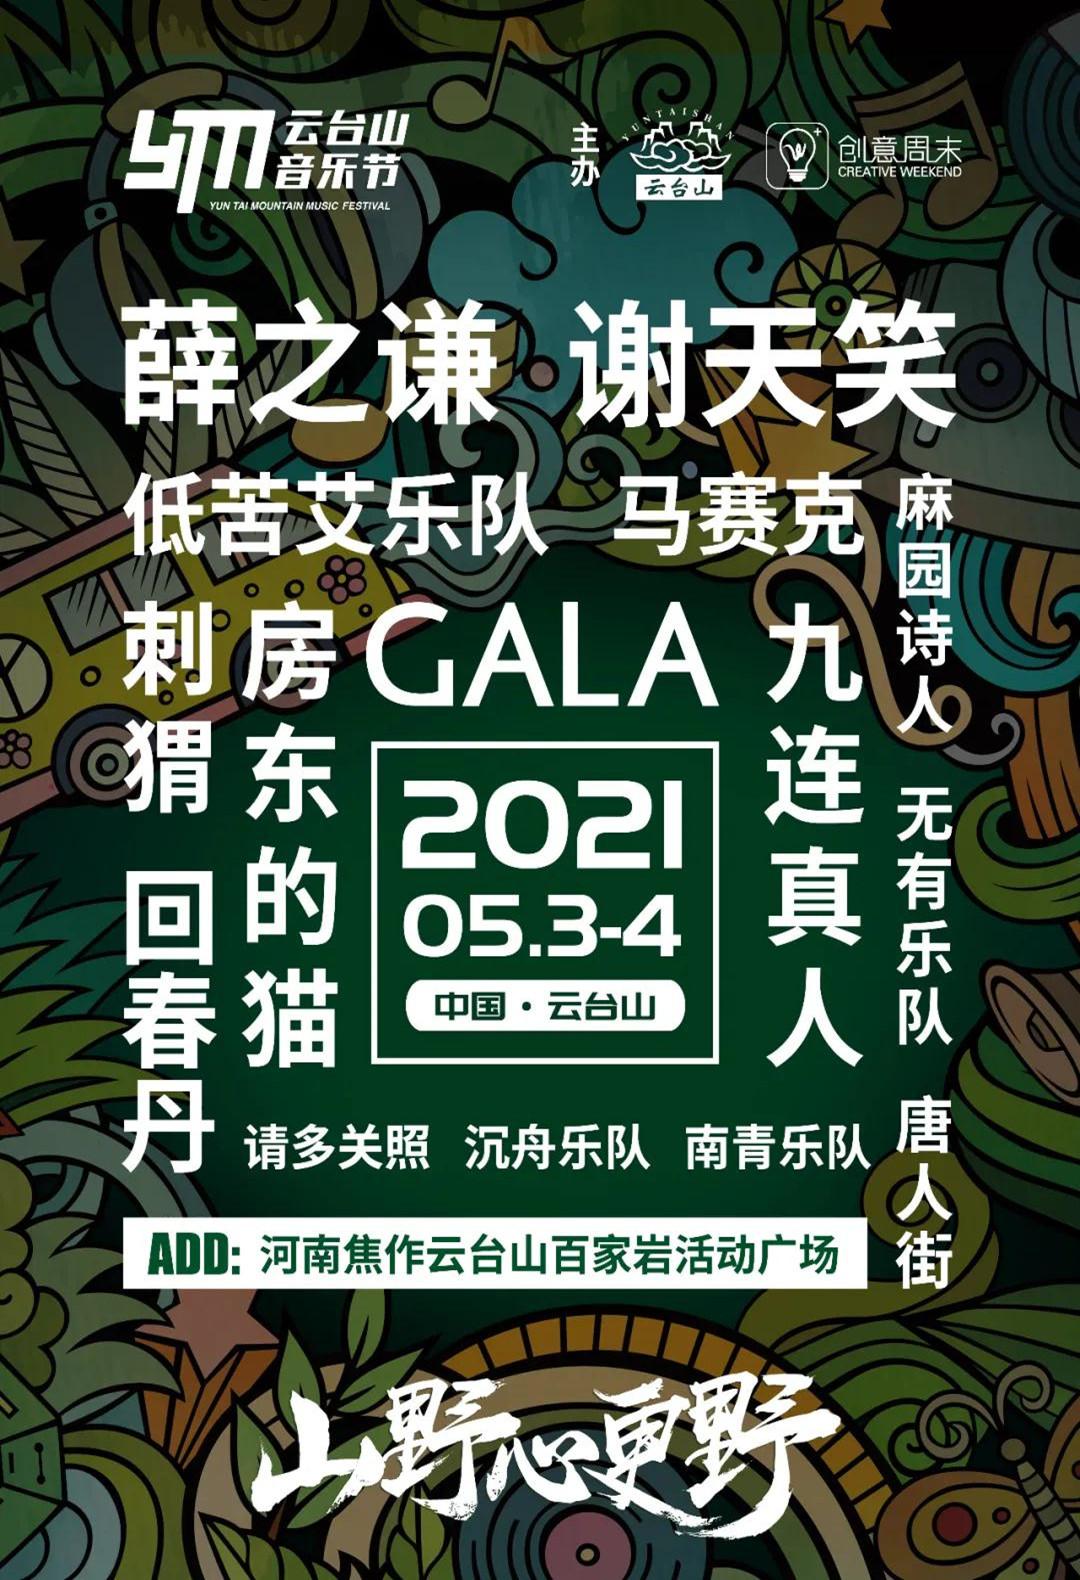 2021云台山音乐节在哪买票?票价多少?